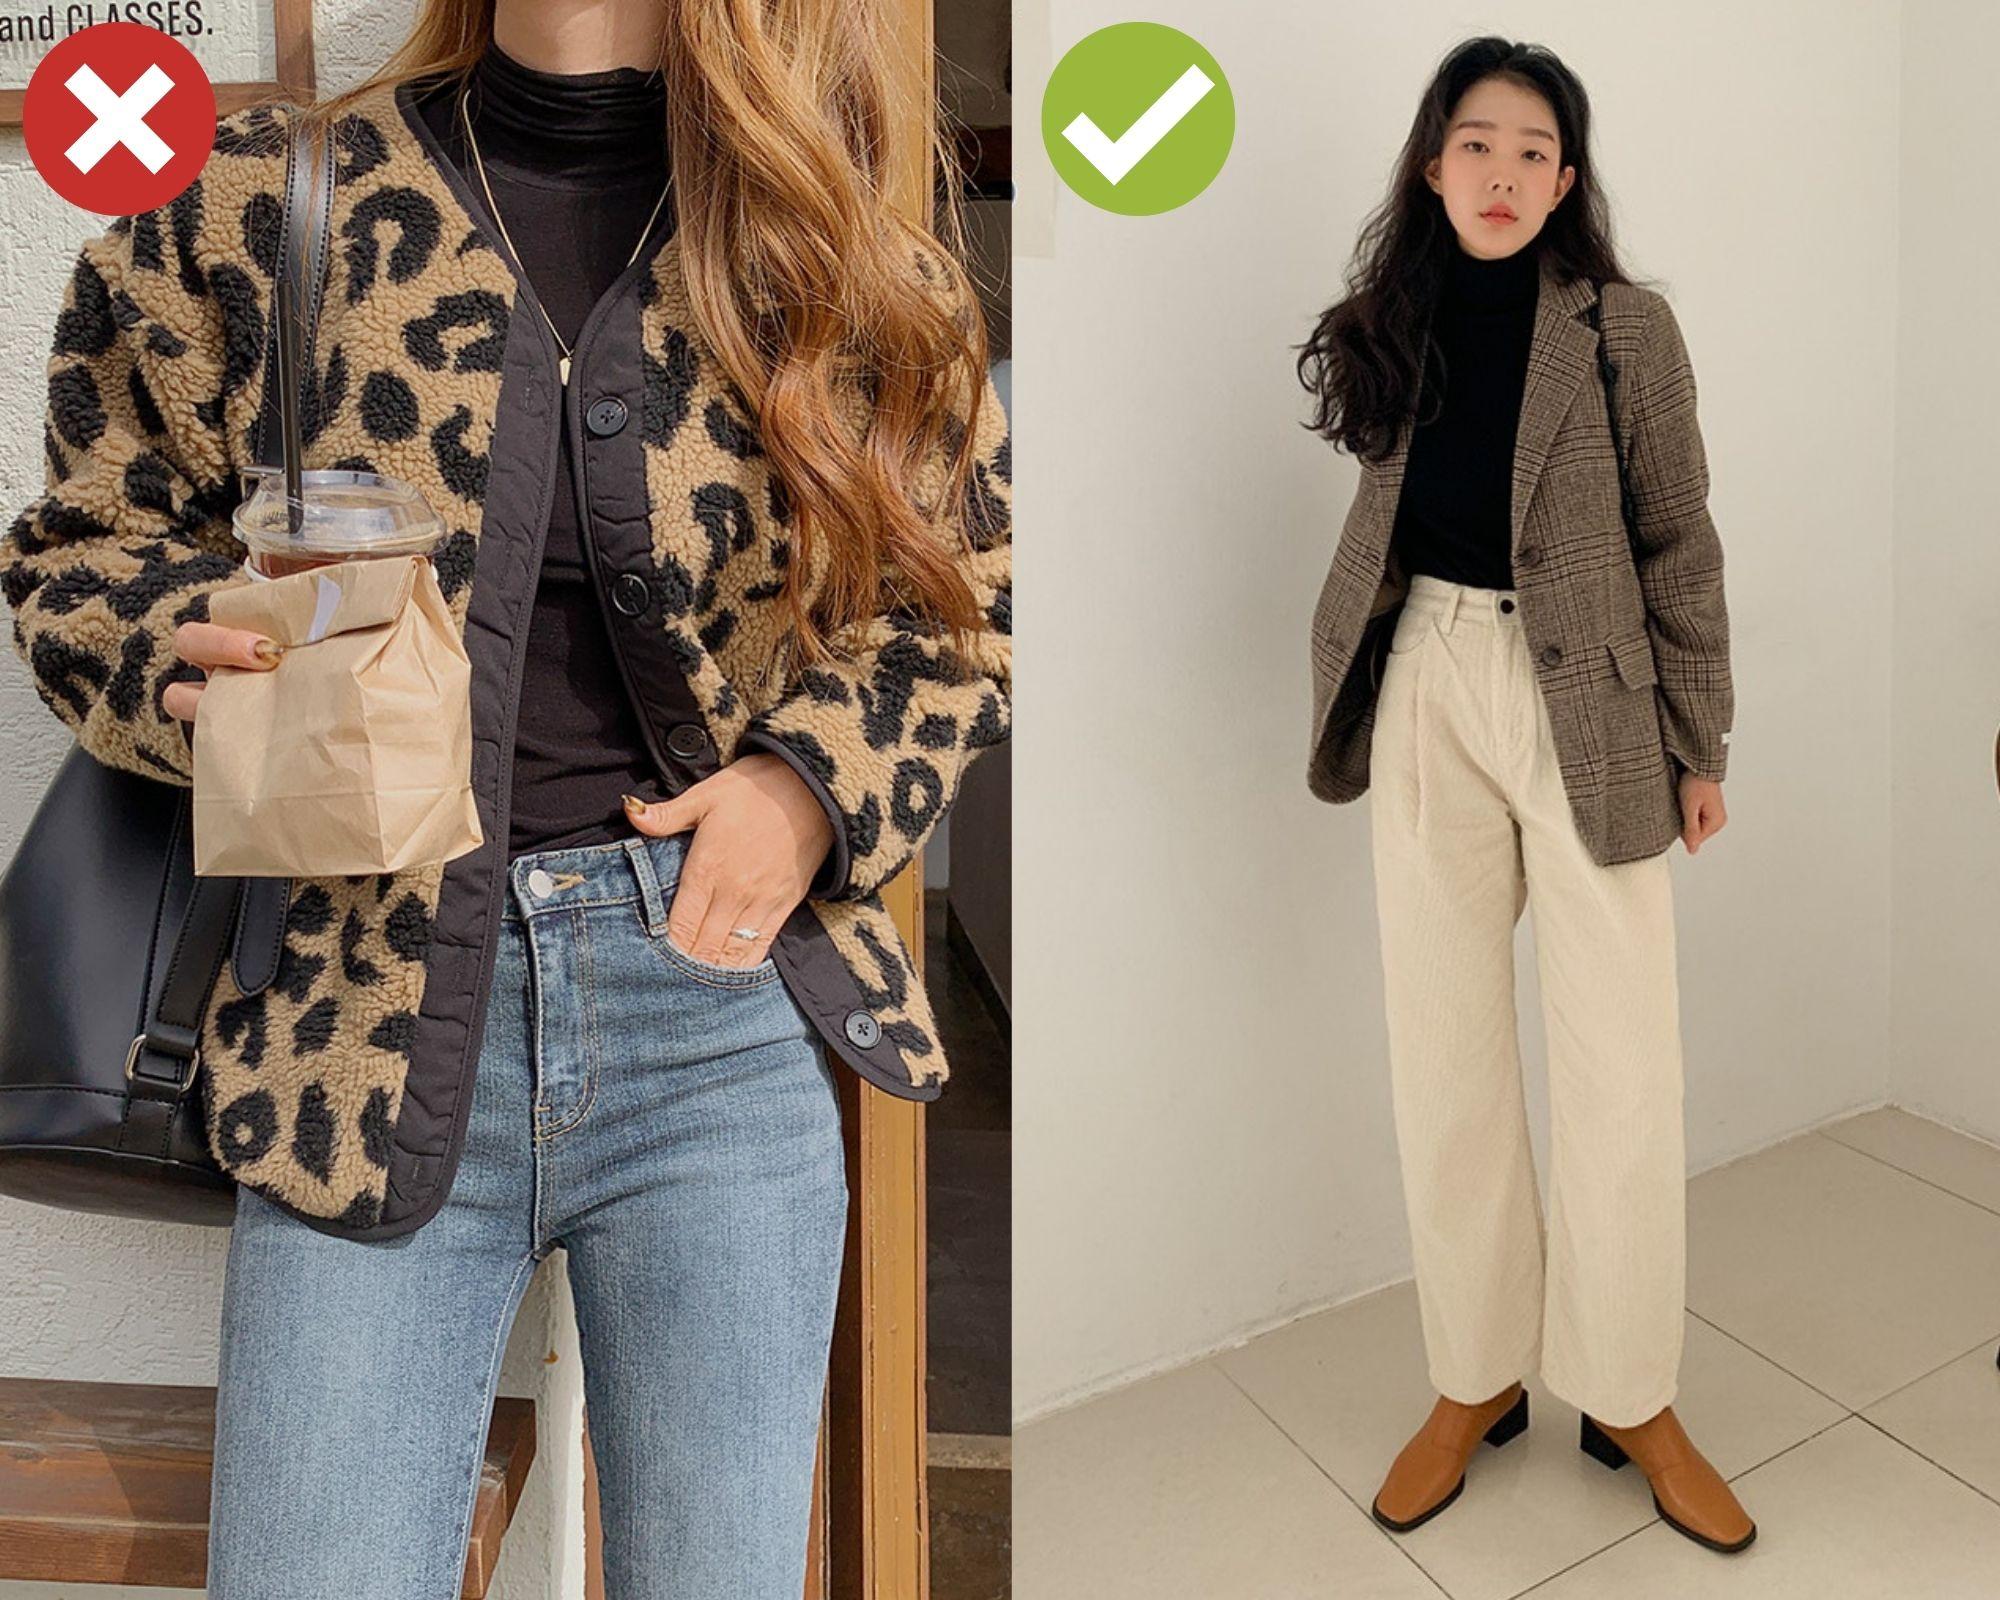 4 kiểu áo khoác mua chỉ phí tiền vì mặc lên vừa già, vừa làm sa sút trầm trọng phong độ mặc đẹp - Ảnh 5.